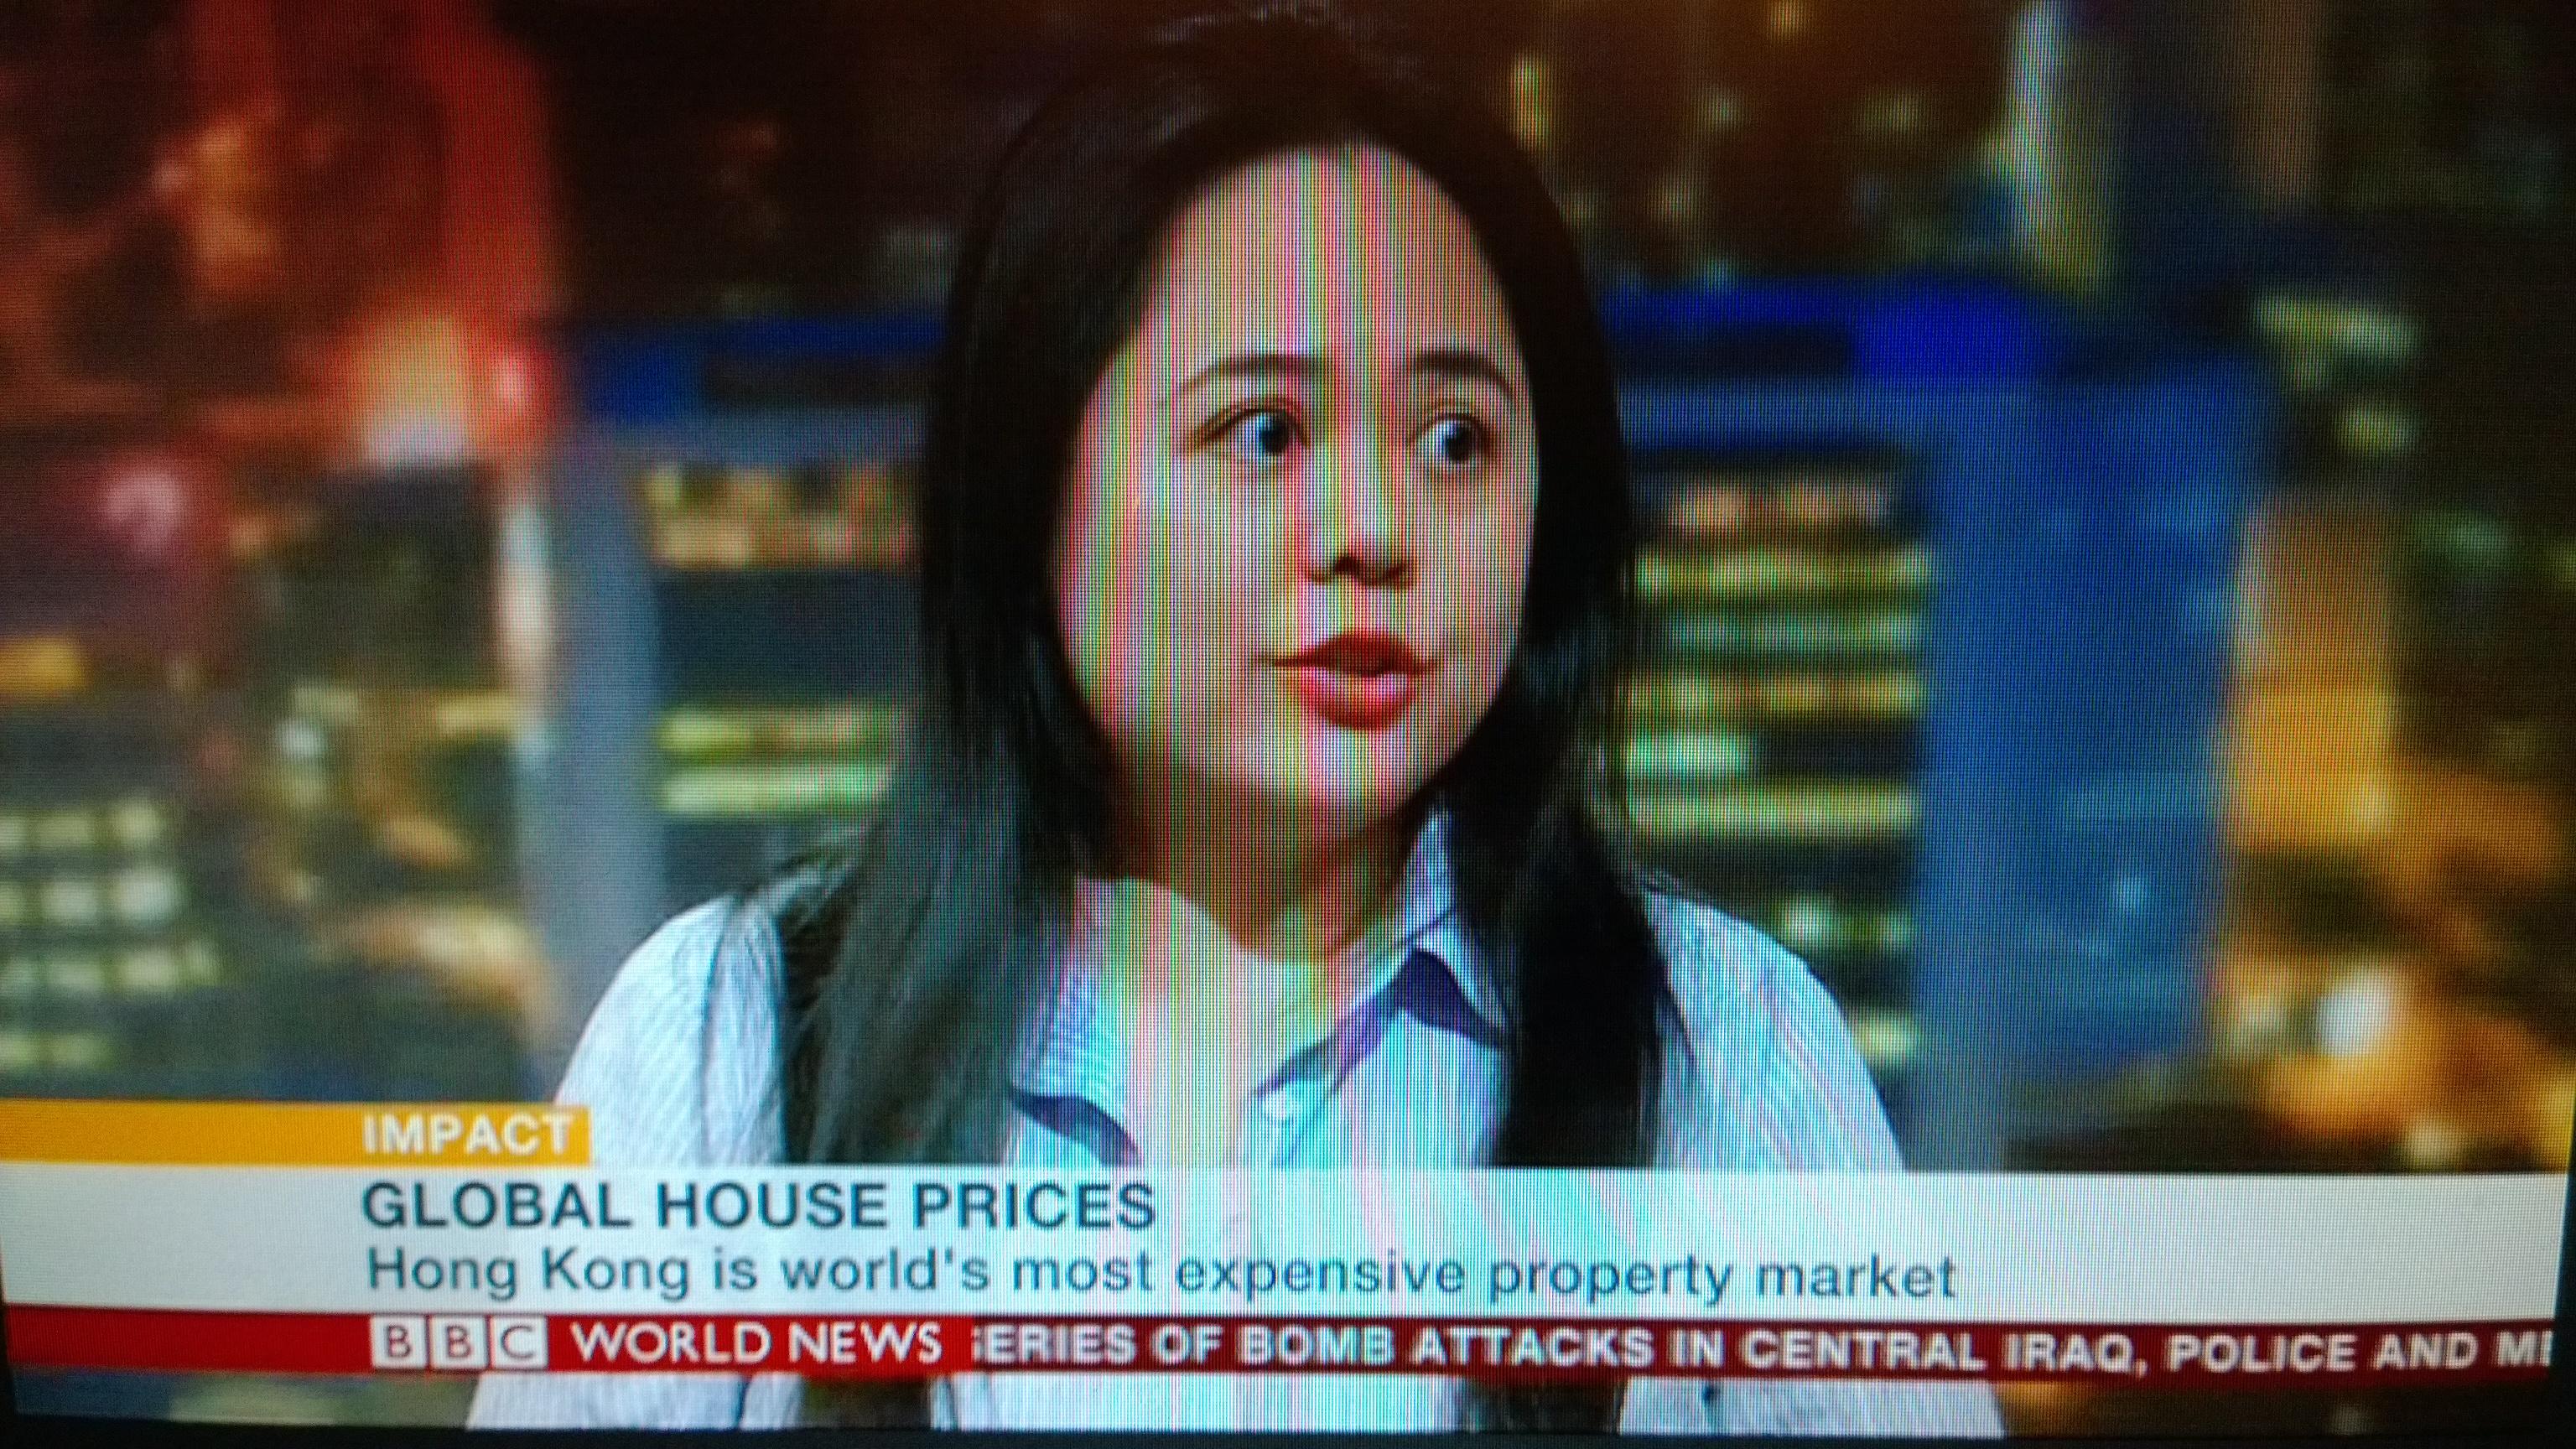 Master Ang on BBC World News